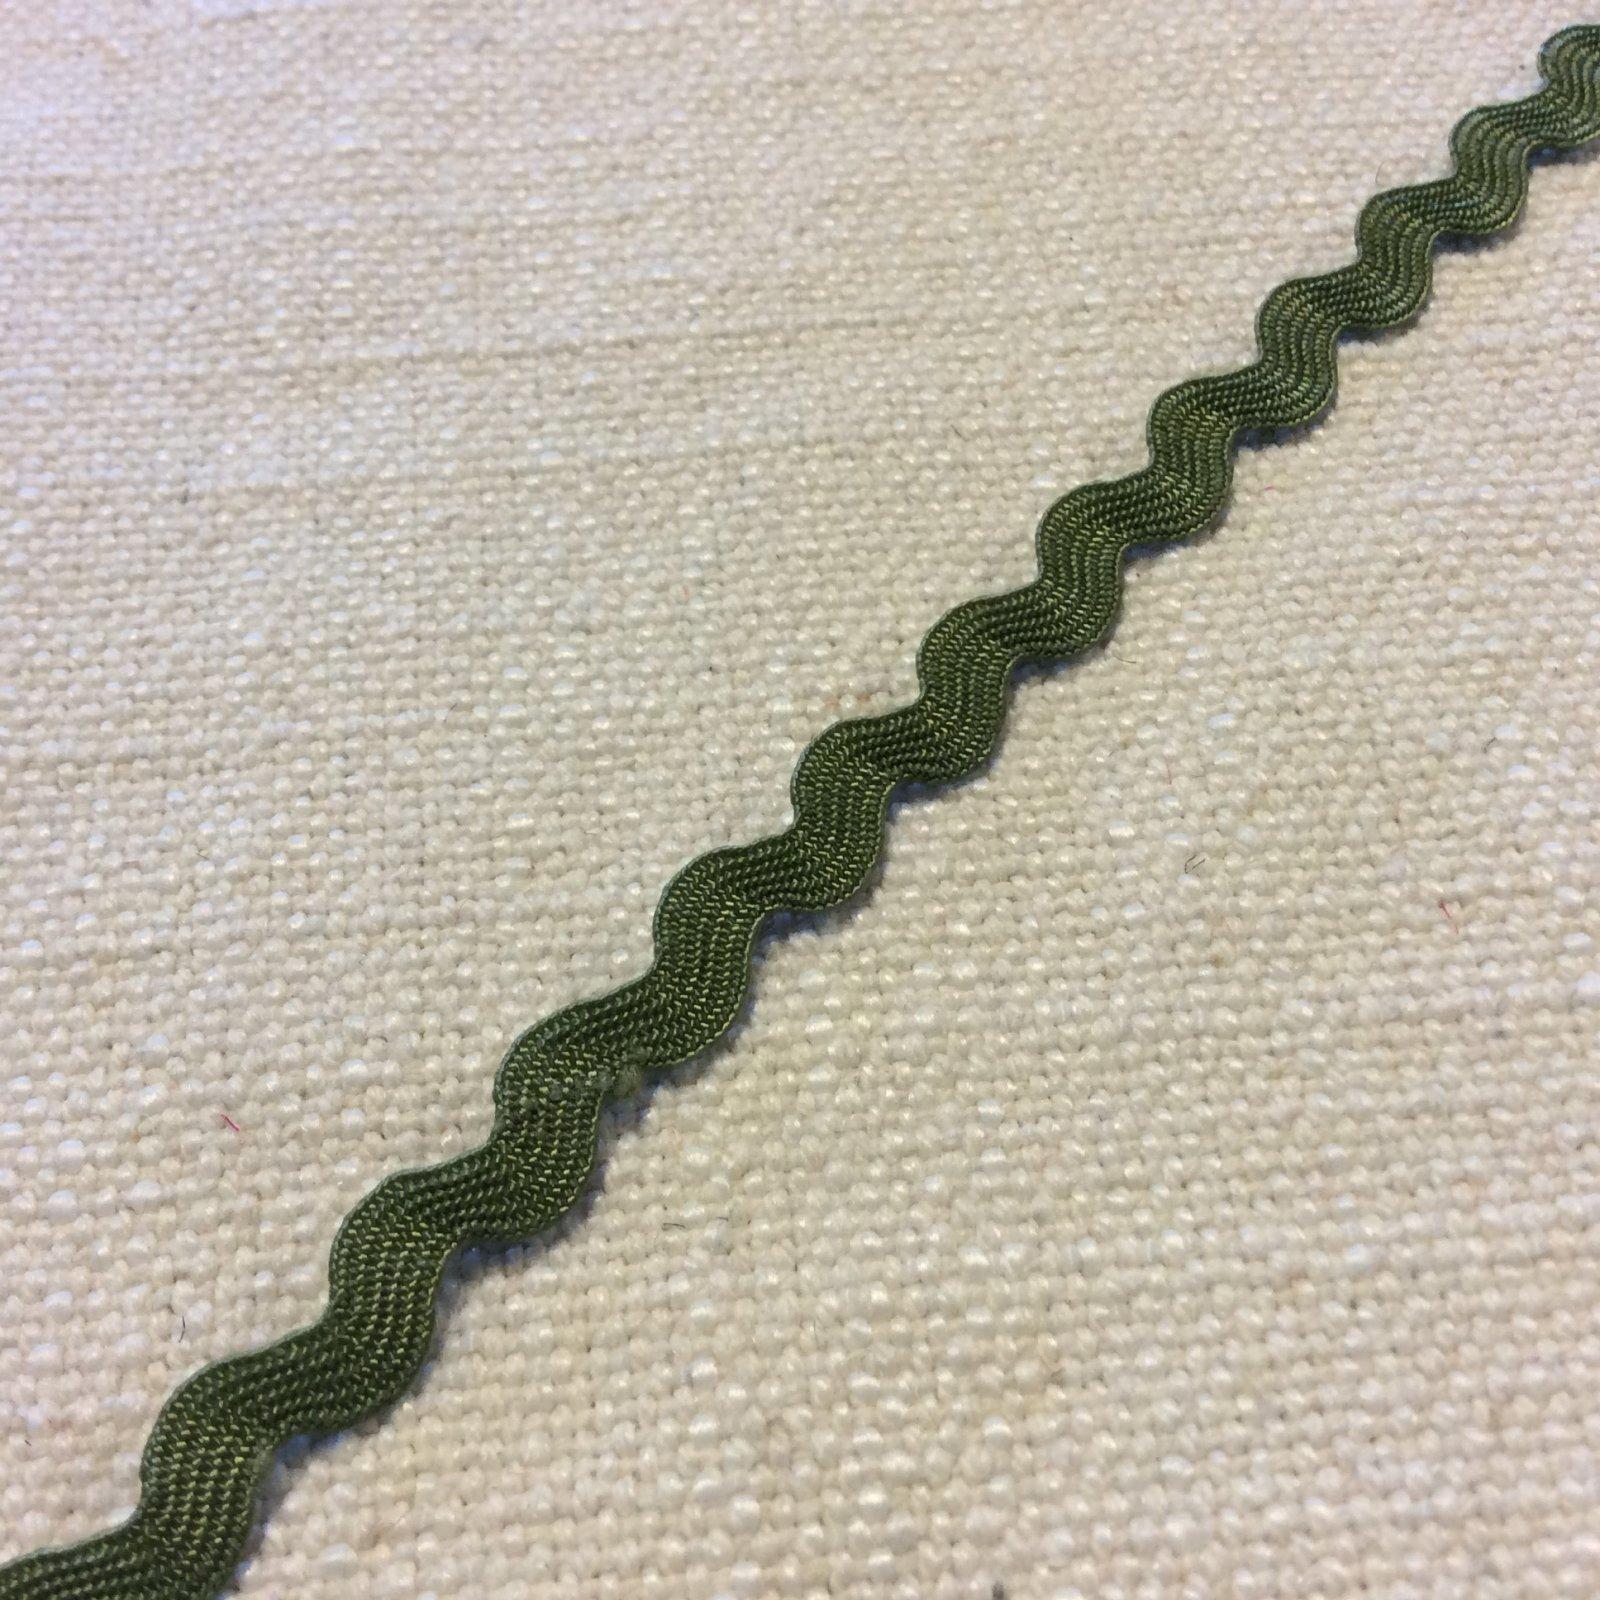 Olive Green 1/4 Wide Ric Rac Ribbon Trim RIB1345